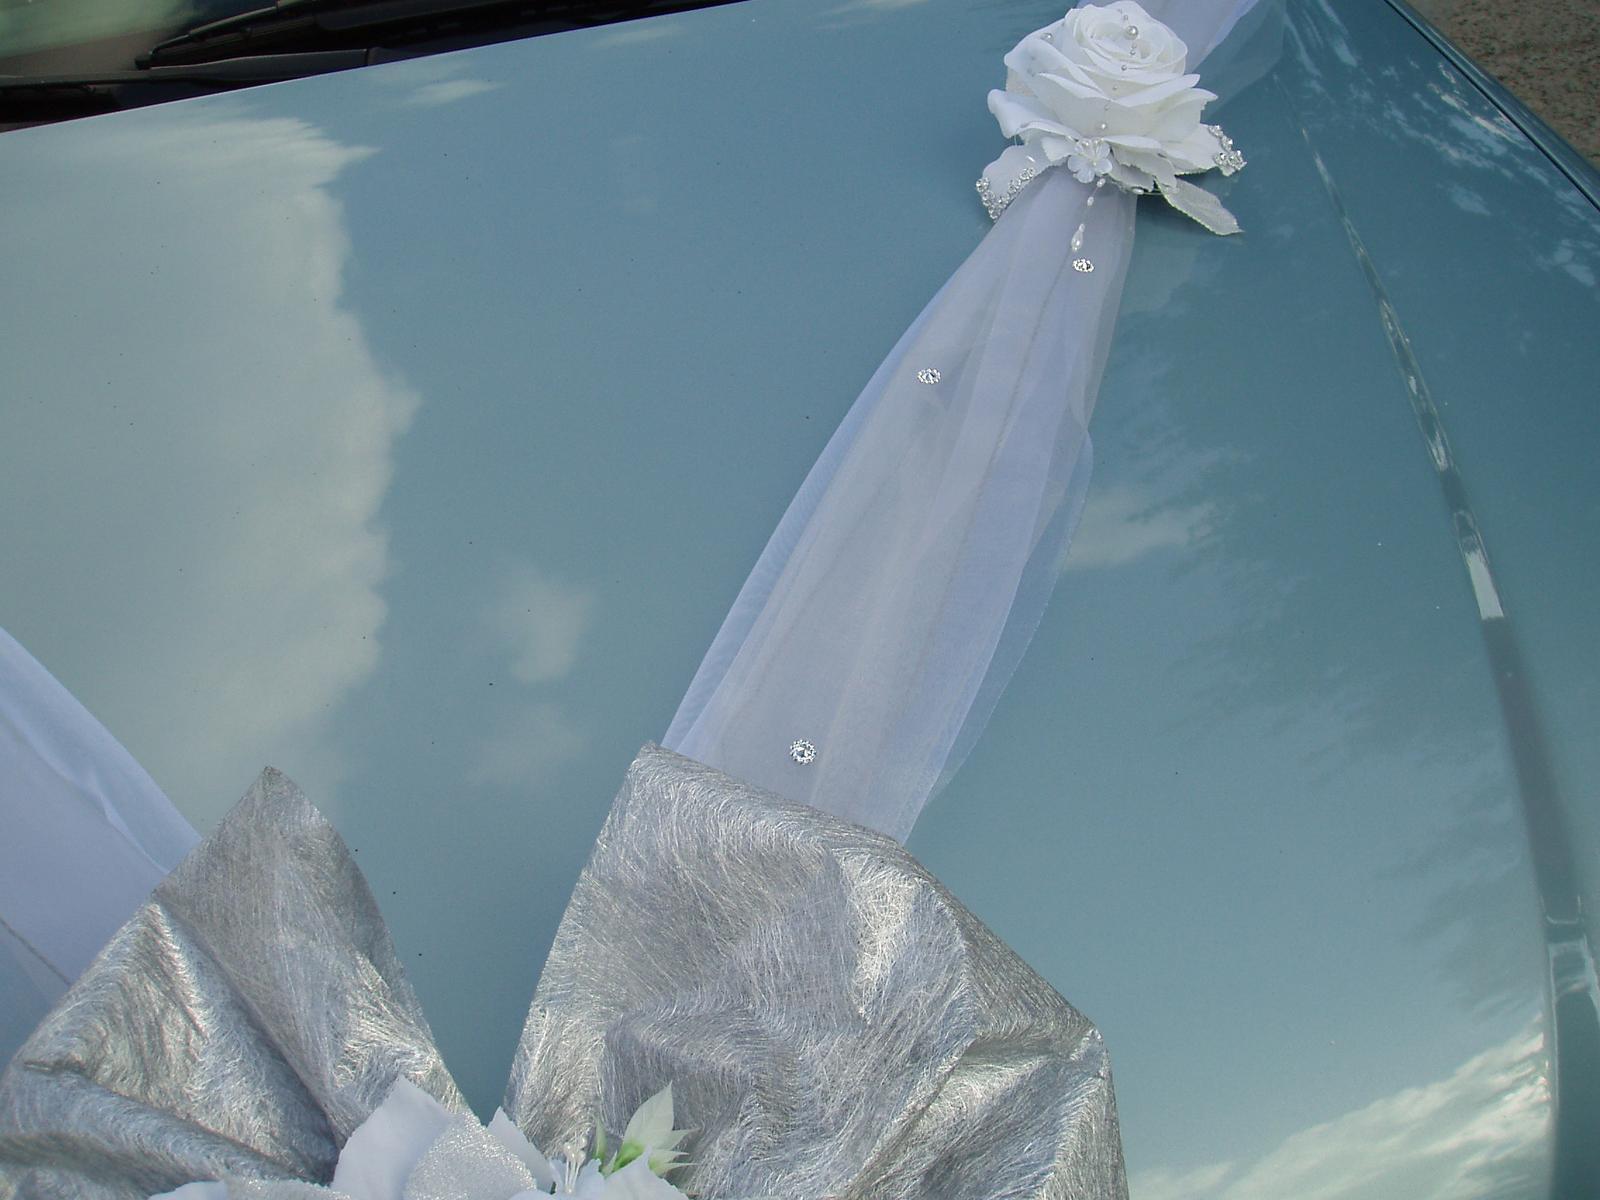 Bílo-stříbrné dekorace na auto - Obrázek č. 9